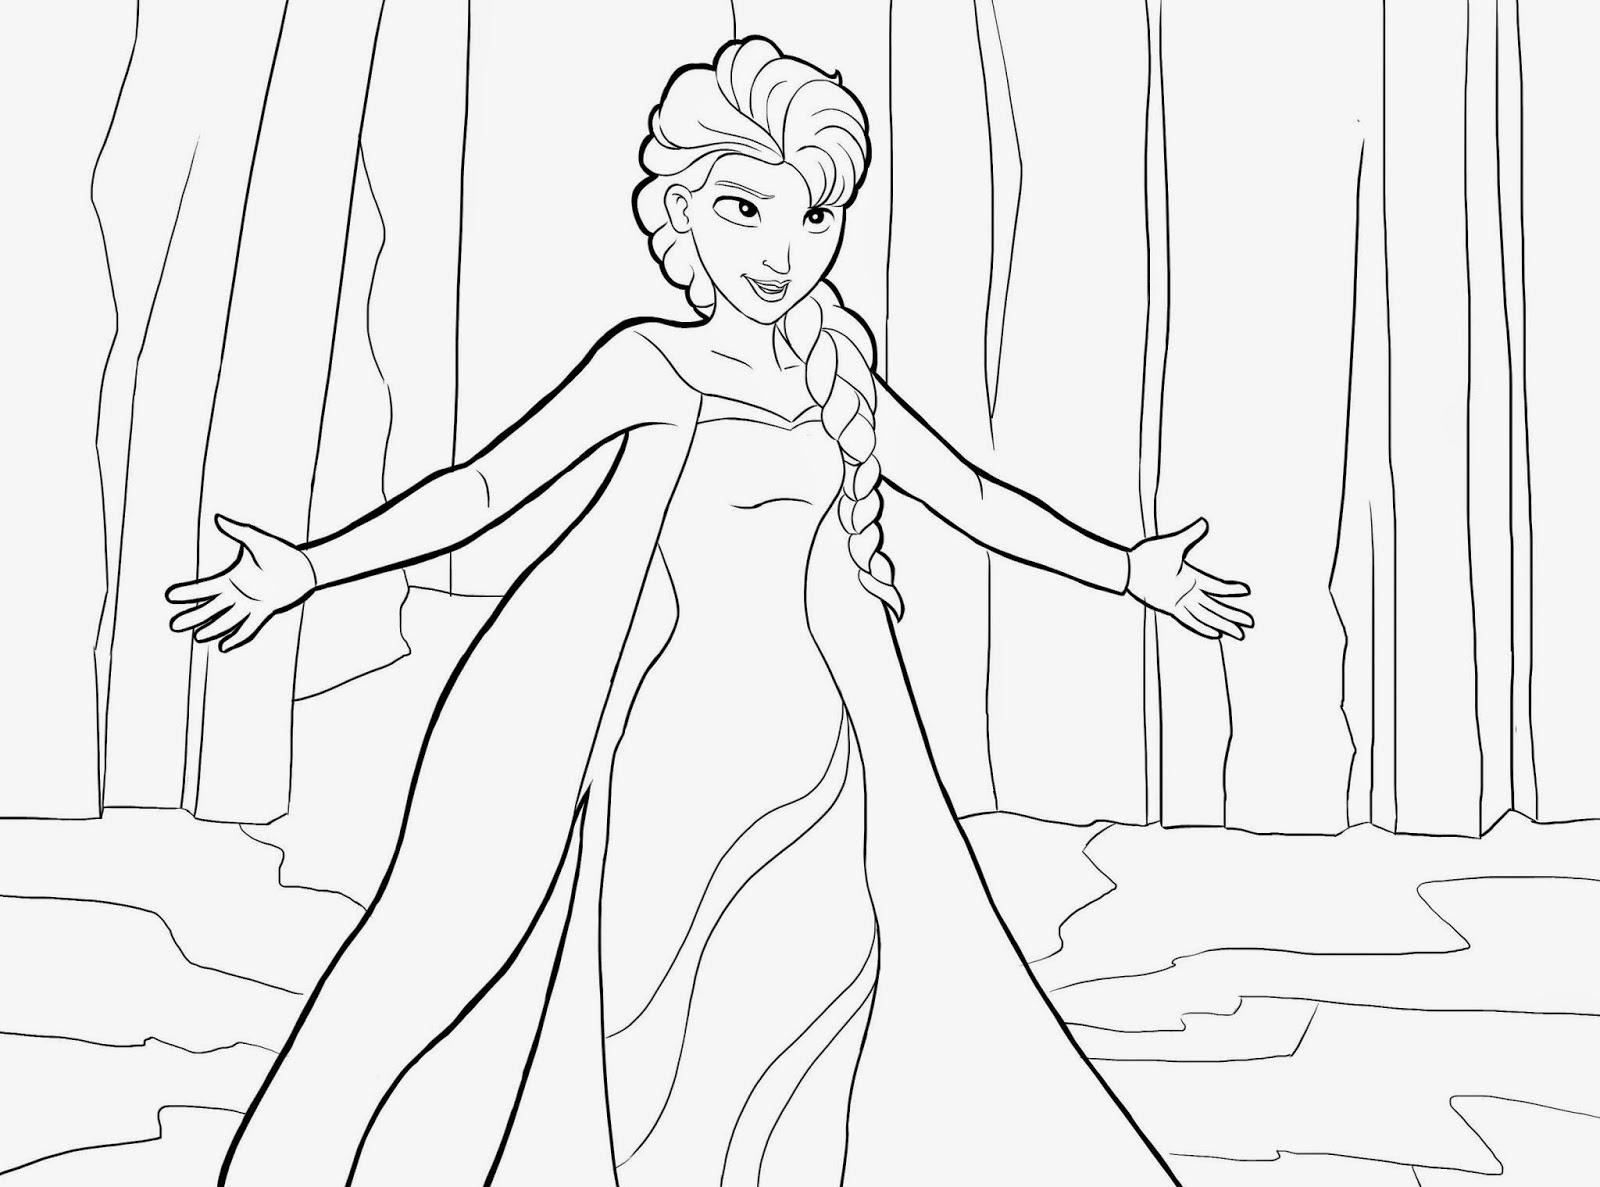 Ausmalbilder Disney Frozen Eiskönigin Ausmalbilderhq